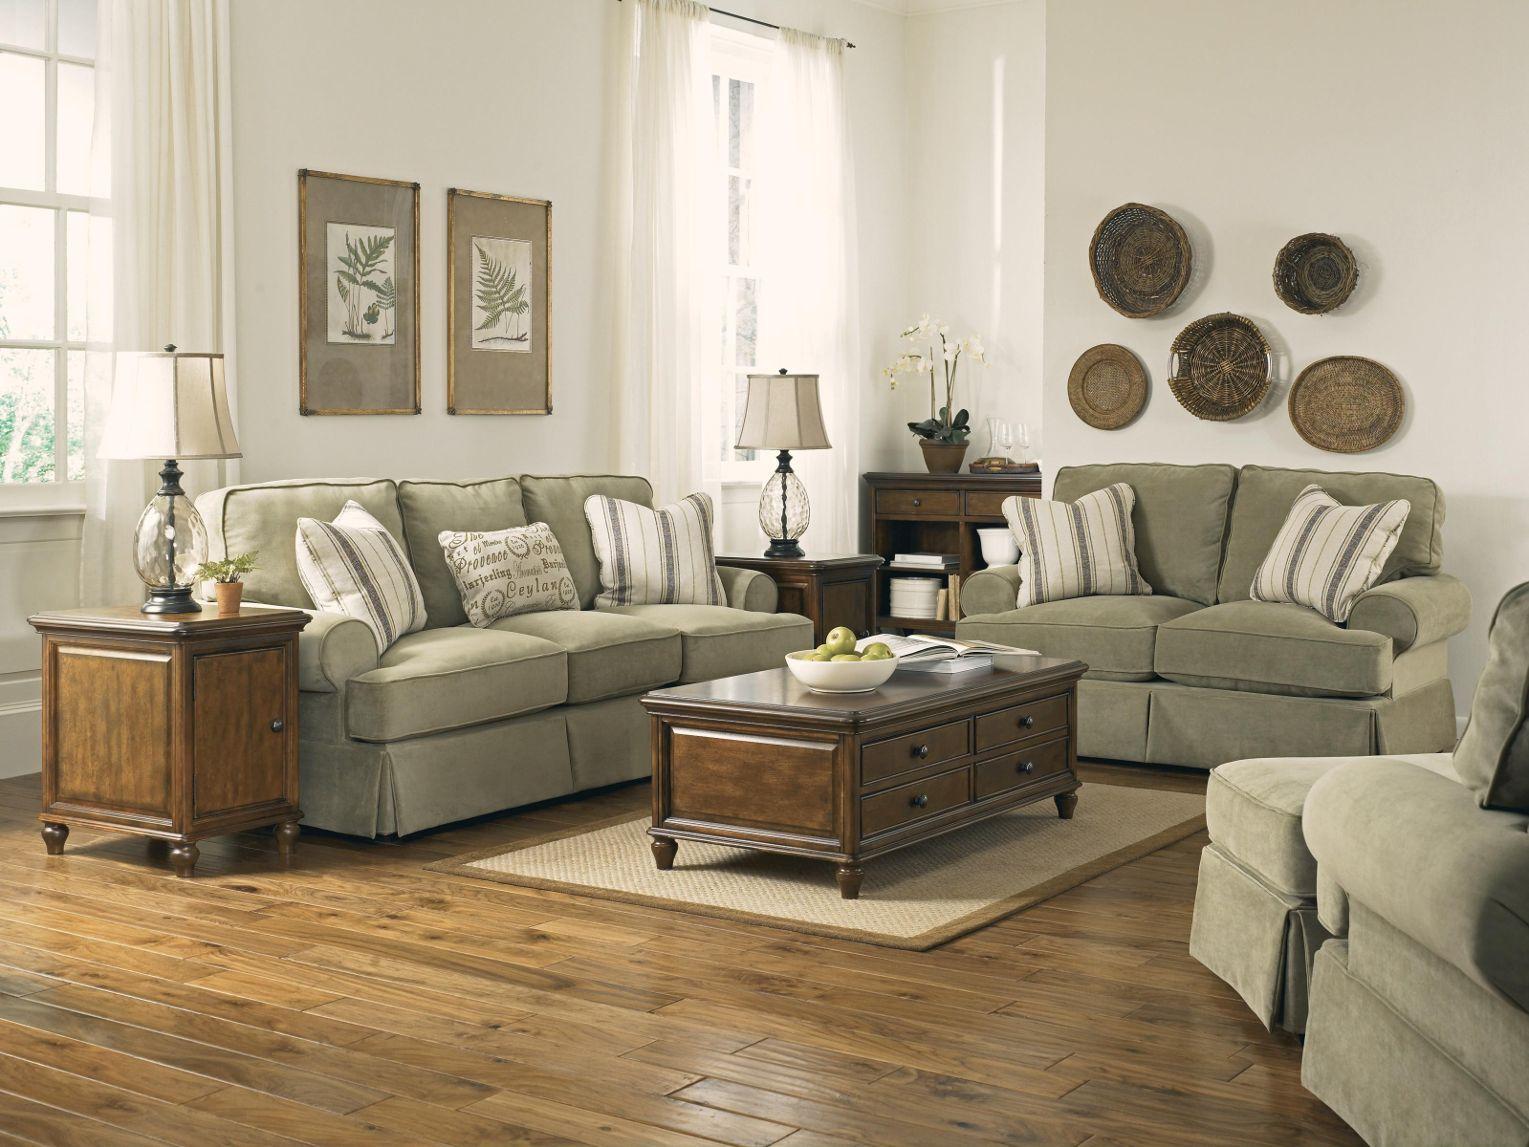 Купить мебель для интерьера